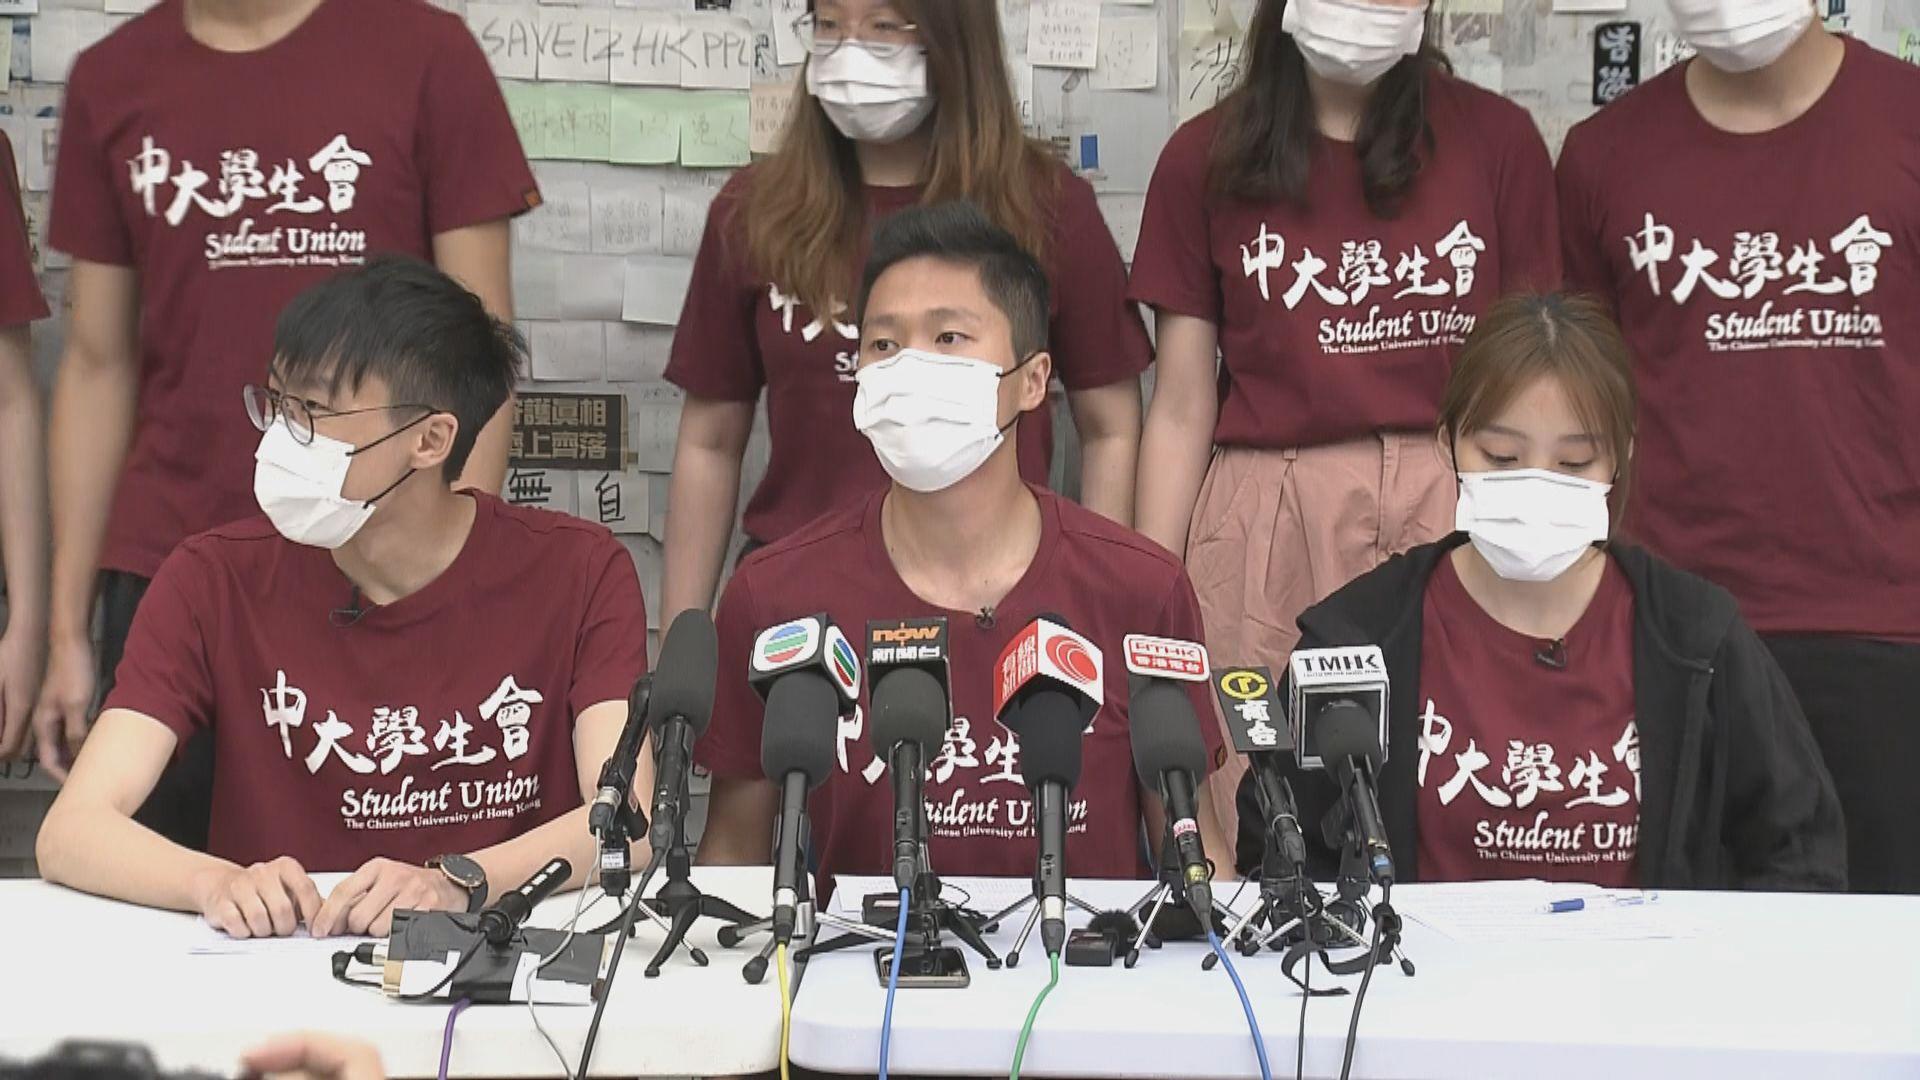 中大學生會內閣「朔夜」辭職 指受到校方前所未有壓力